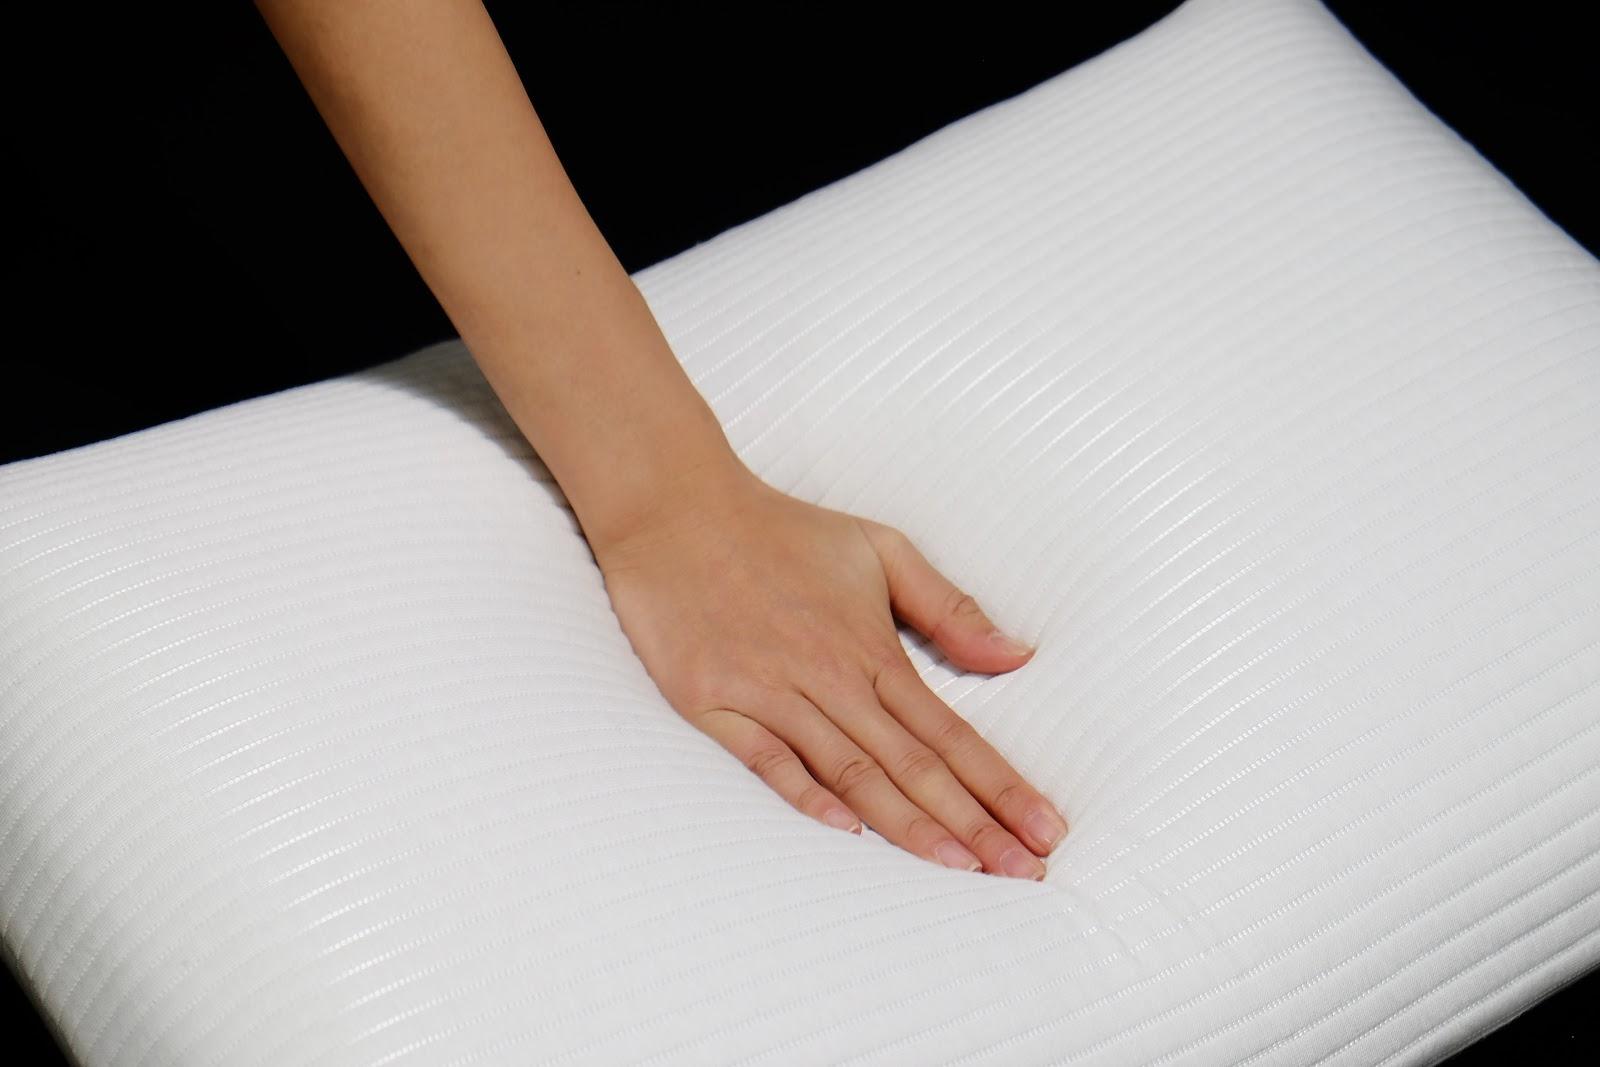 Kiểm tra chất lượng ruột gối ngủ trước khi mua